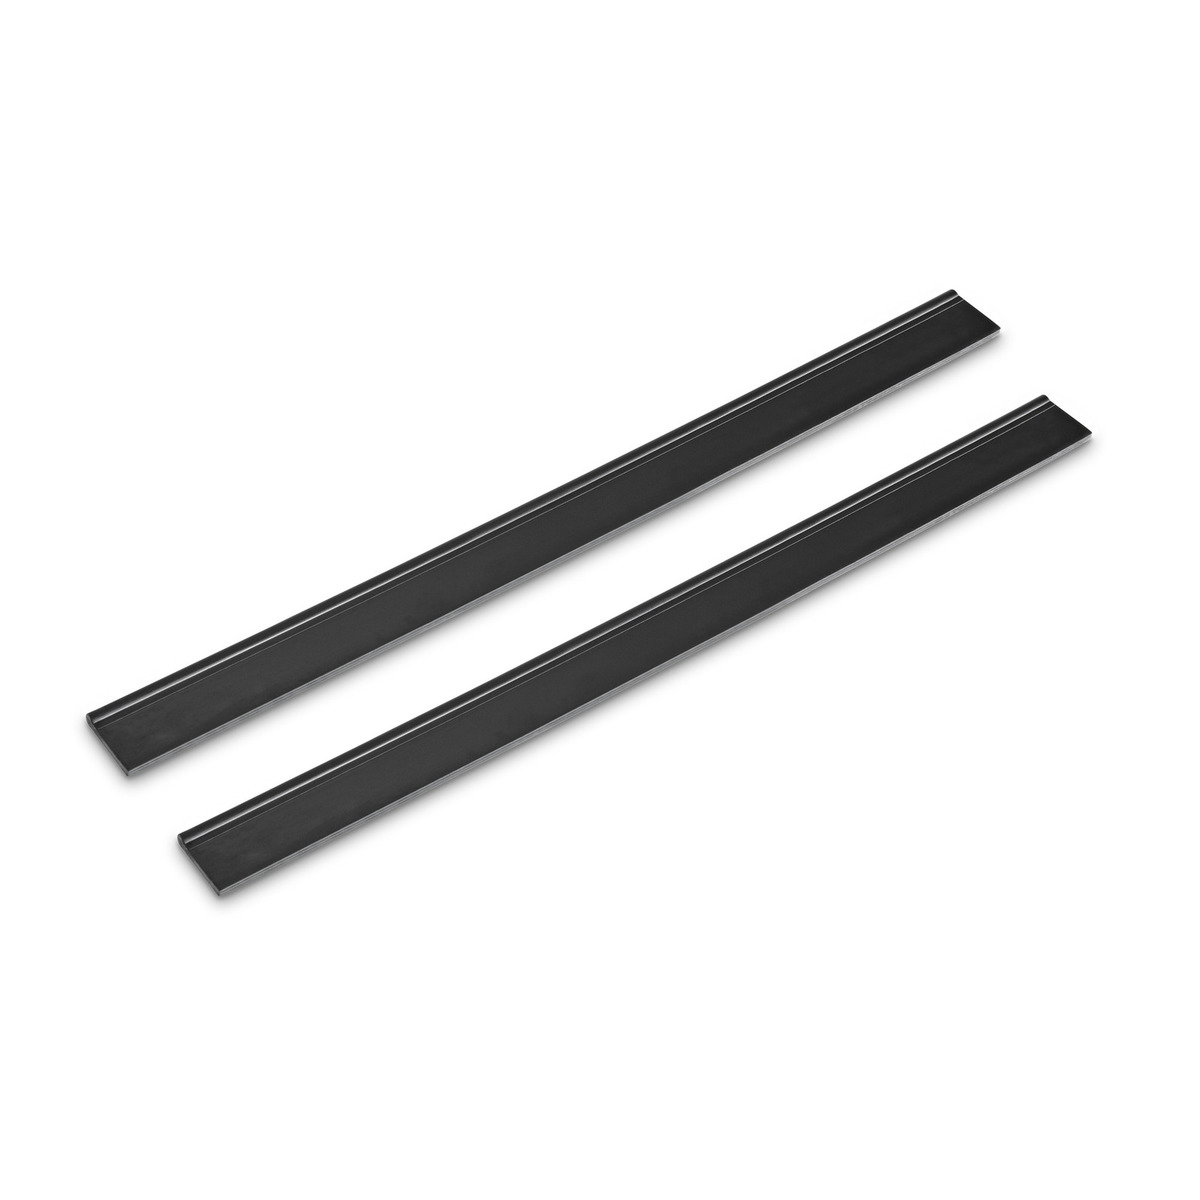 Stěrka gumová široká 2.633-005 (2 ks) pro AKU stěrky Kärcher WV